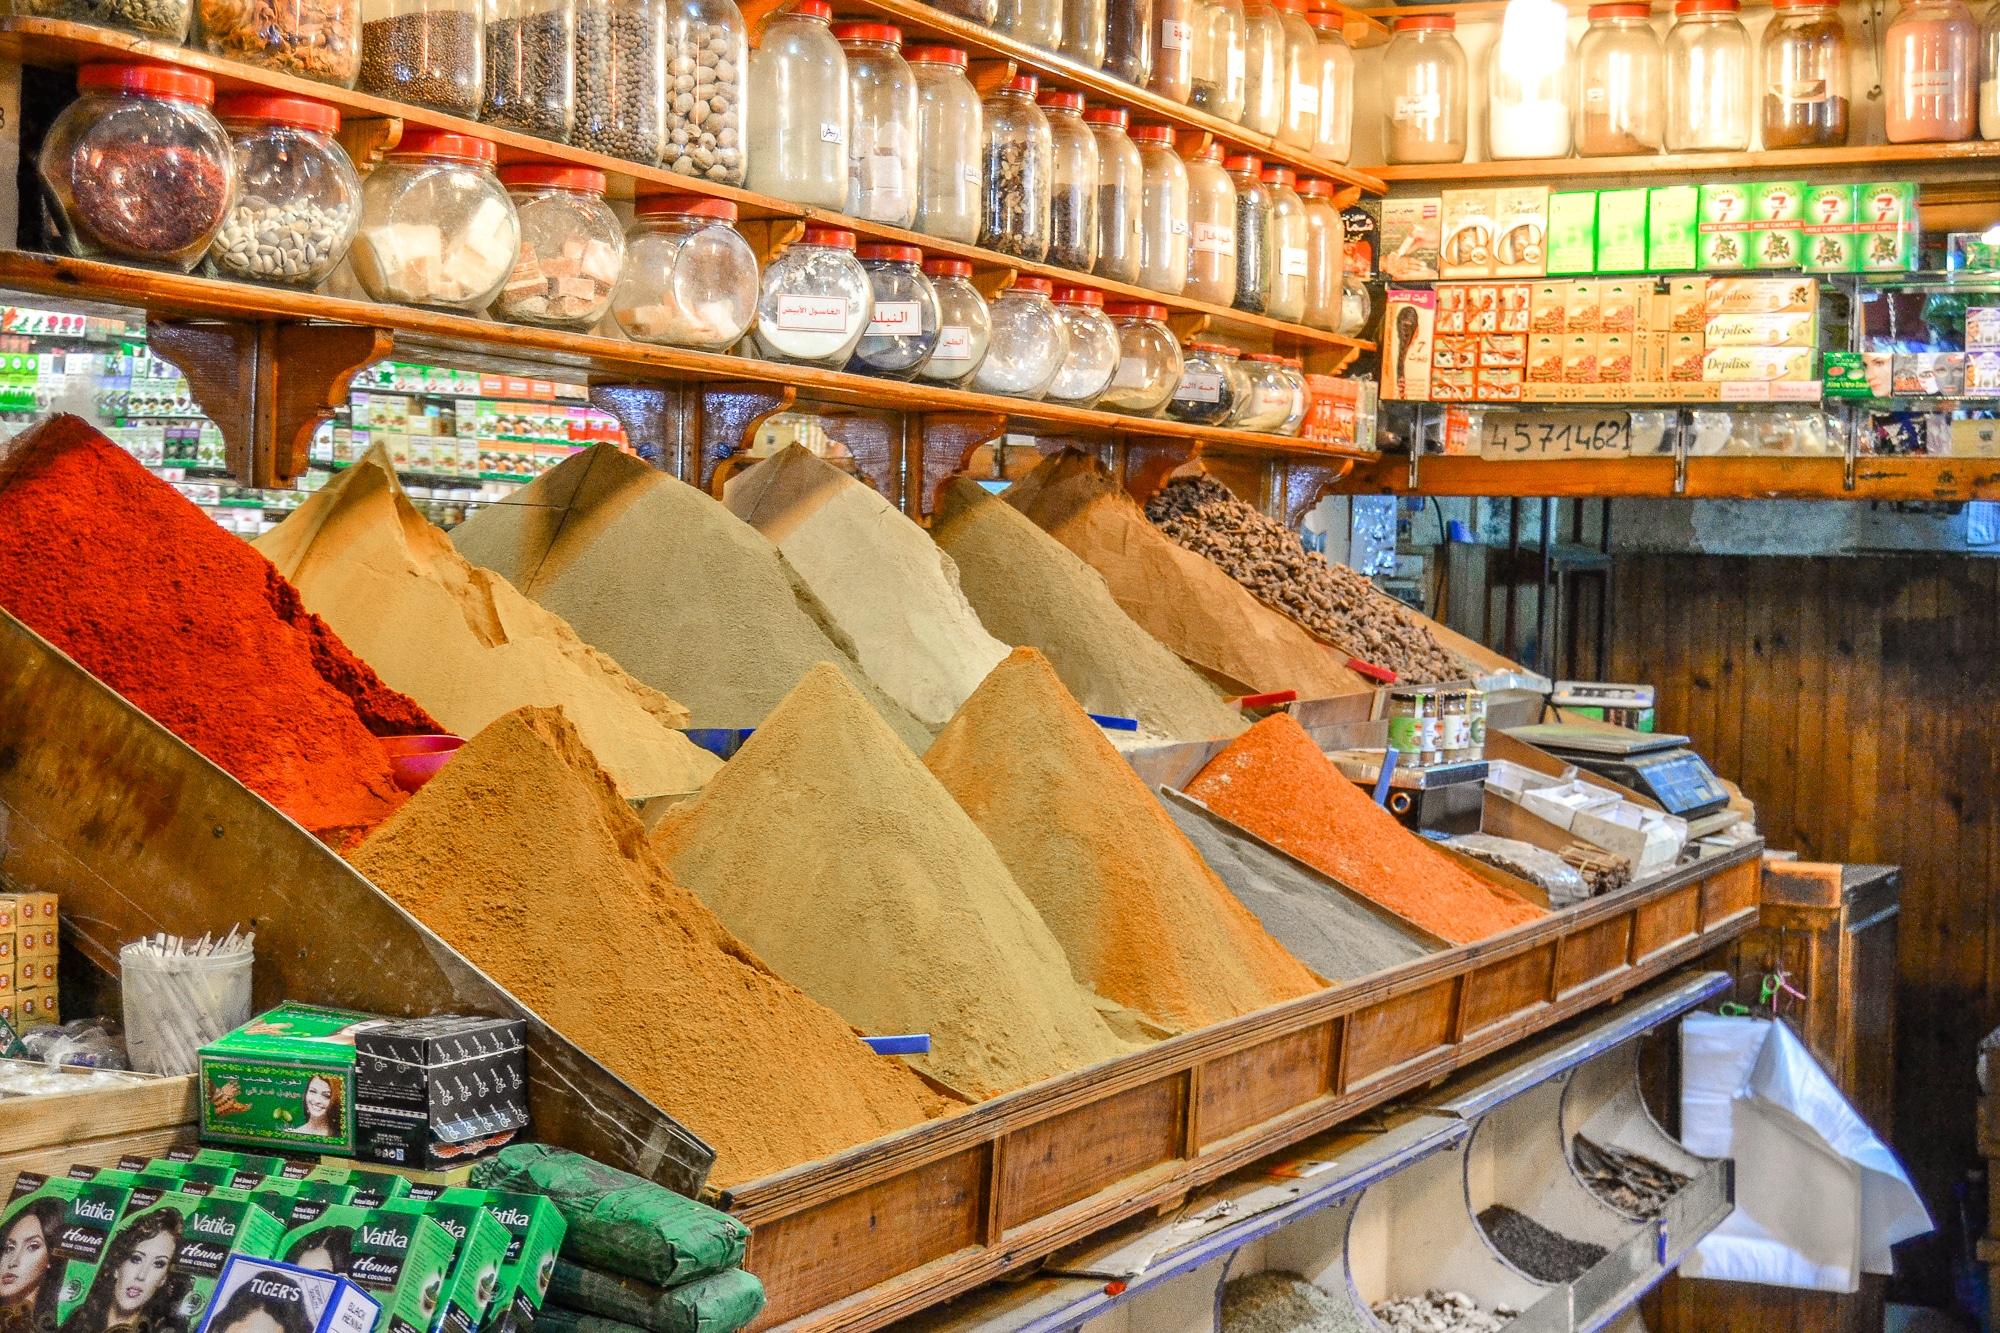 Top Ten Marrakesch Sehenswürdigkeiten - meine Marrakesch Highlights: Souk Medina Gewürzmarkt